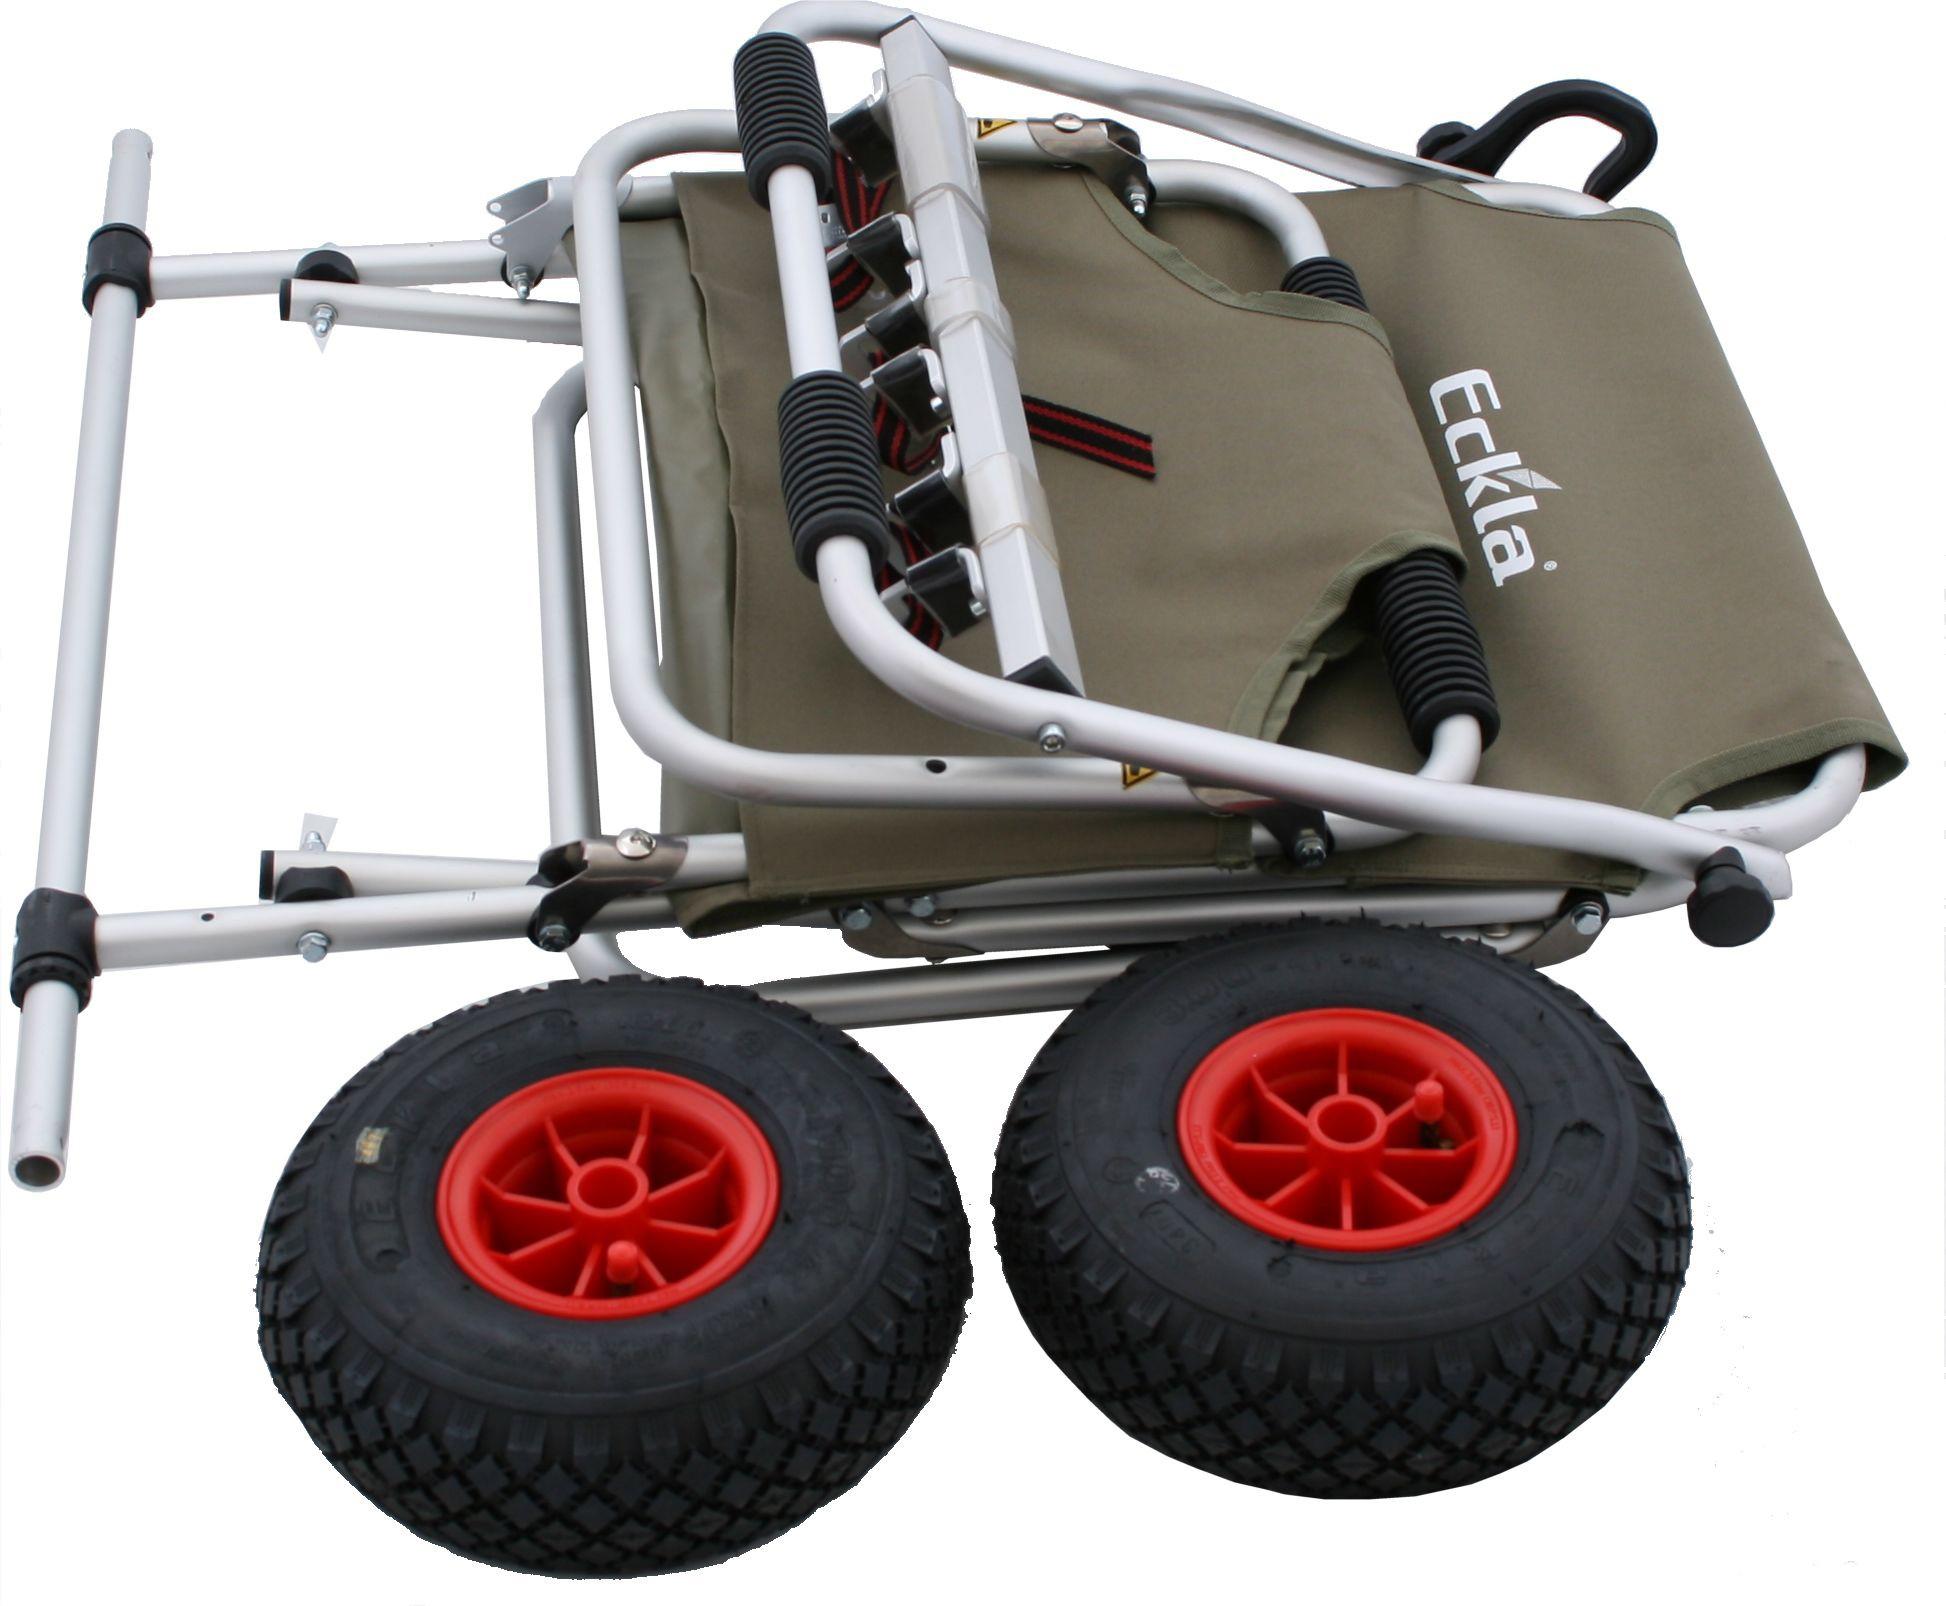 Eckla Multi Rolly Transportwagen mit Multileiste klappbar pannensicher Bild 4